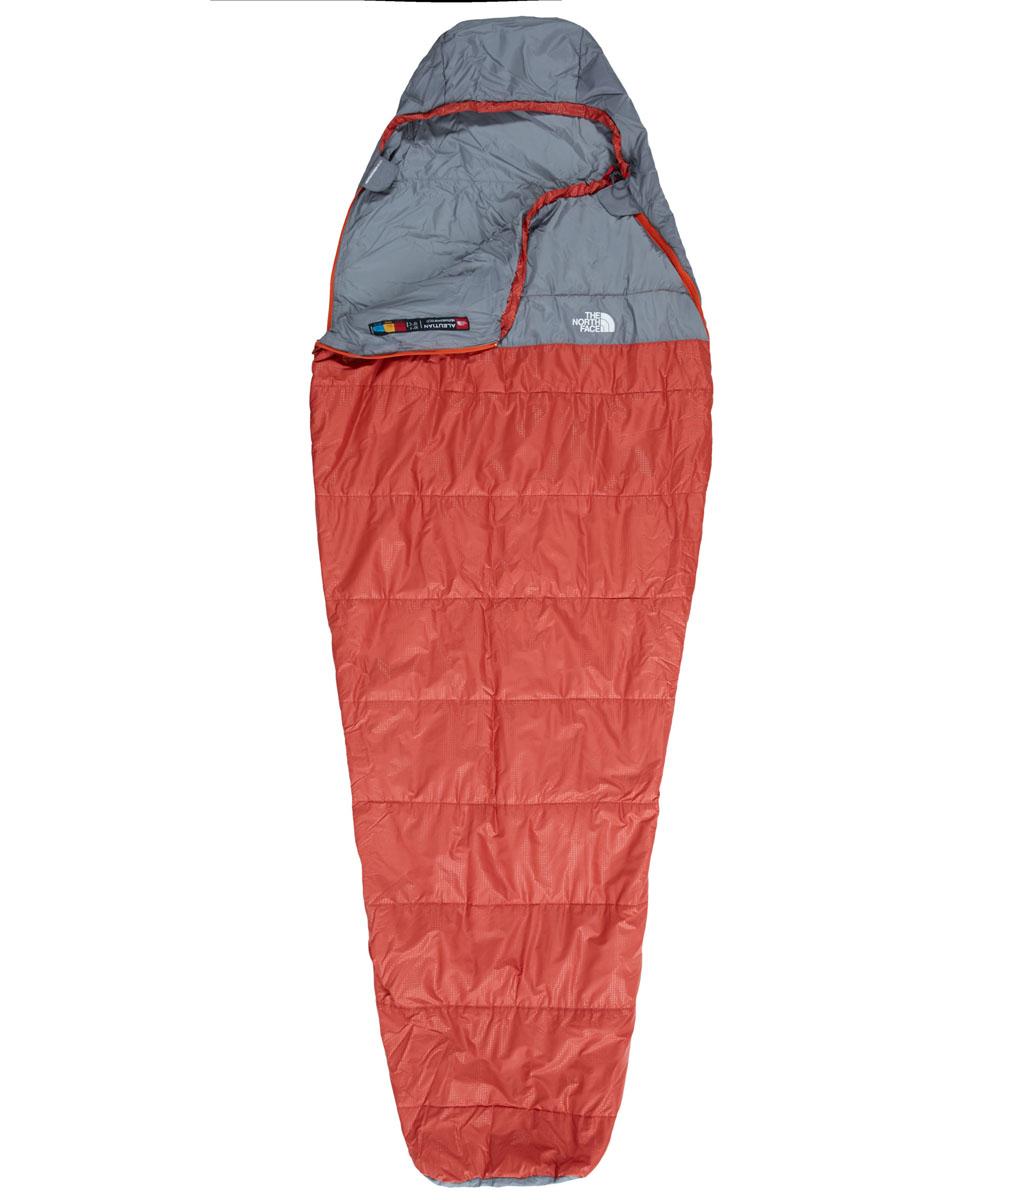 Спальный мешок The North Face Aleutian 50/10 , цвет: красный. T0A3A8M1RRH REG67742Cпальный мешок для прохладной погоды, который можно целиком расстегнуть и расстелить в качестве пола в палатке. Вместительный, универсальный, теплый, комфортный и при этом практичном.